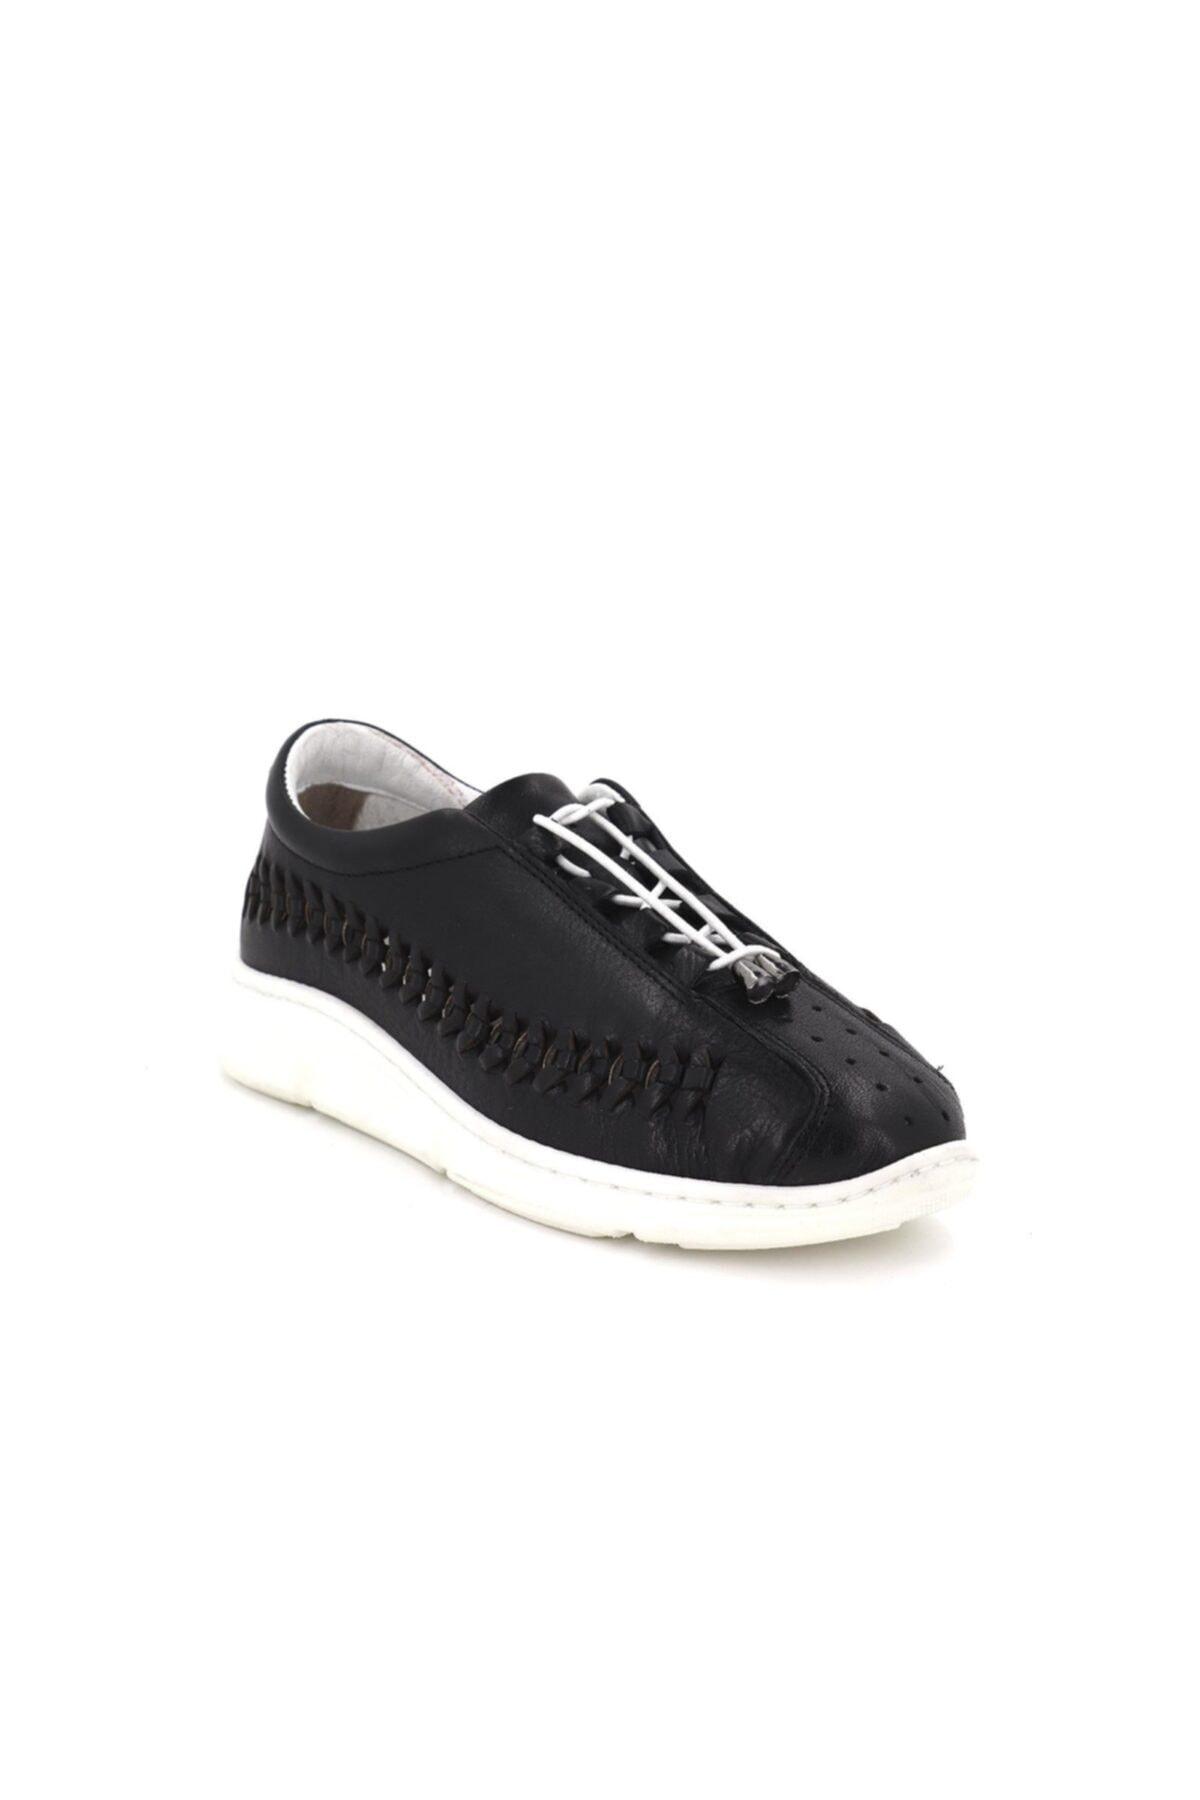 Hobby Divadonna Siyah Ortopedik Kadın Günlük Ayakkabı Dd2229 2